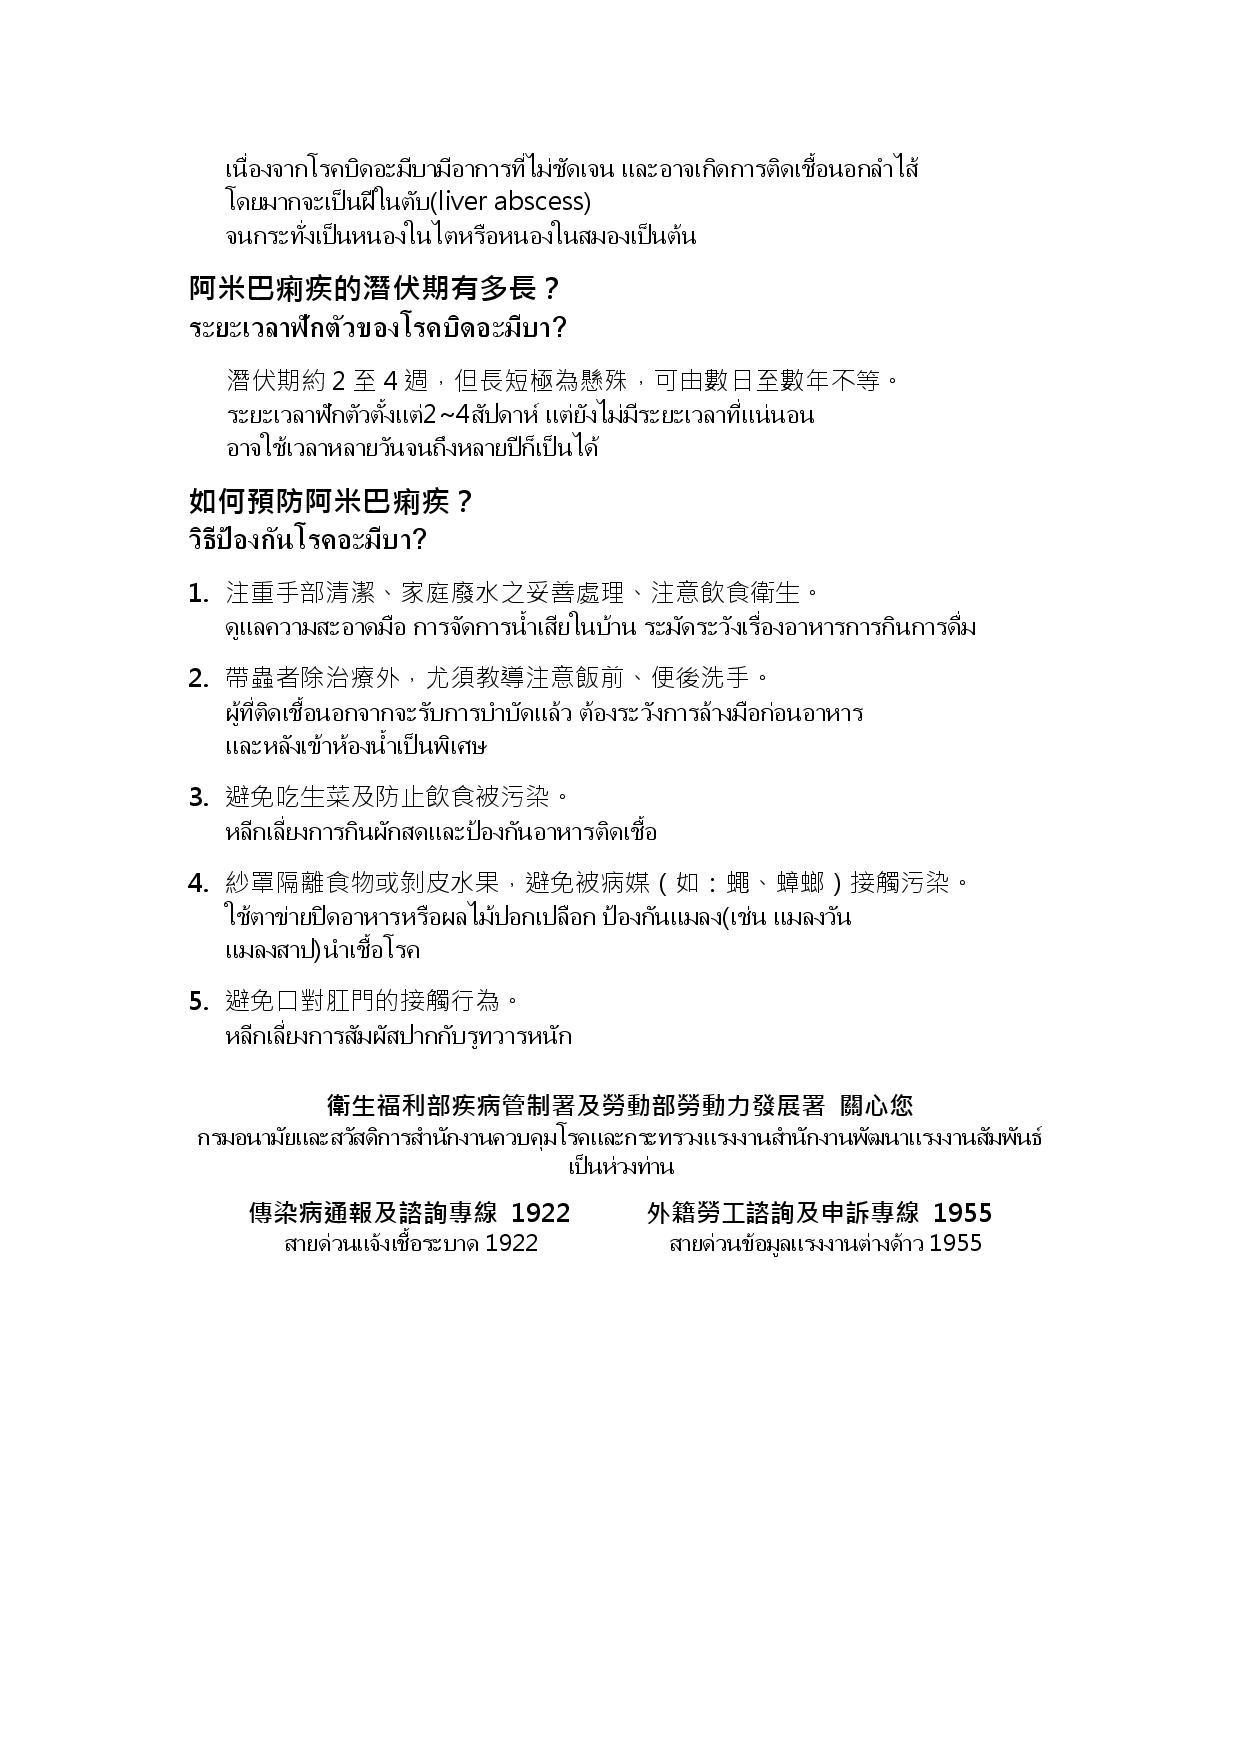 詳如附件【คลิก】ป้องกันโรคบิดอะมีบา(หน้า 2)預防阿米巴痢疾(泰文)